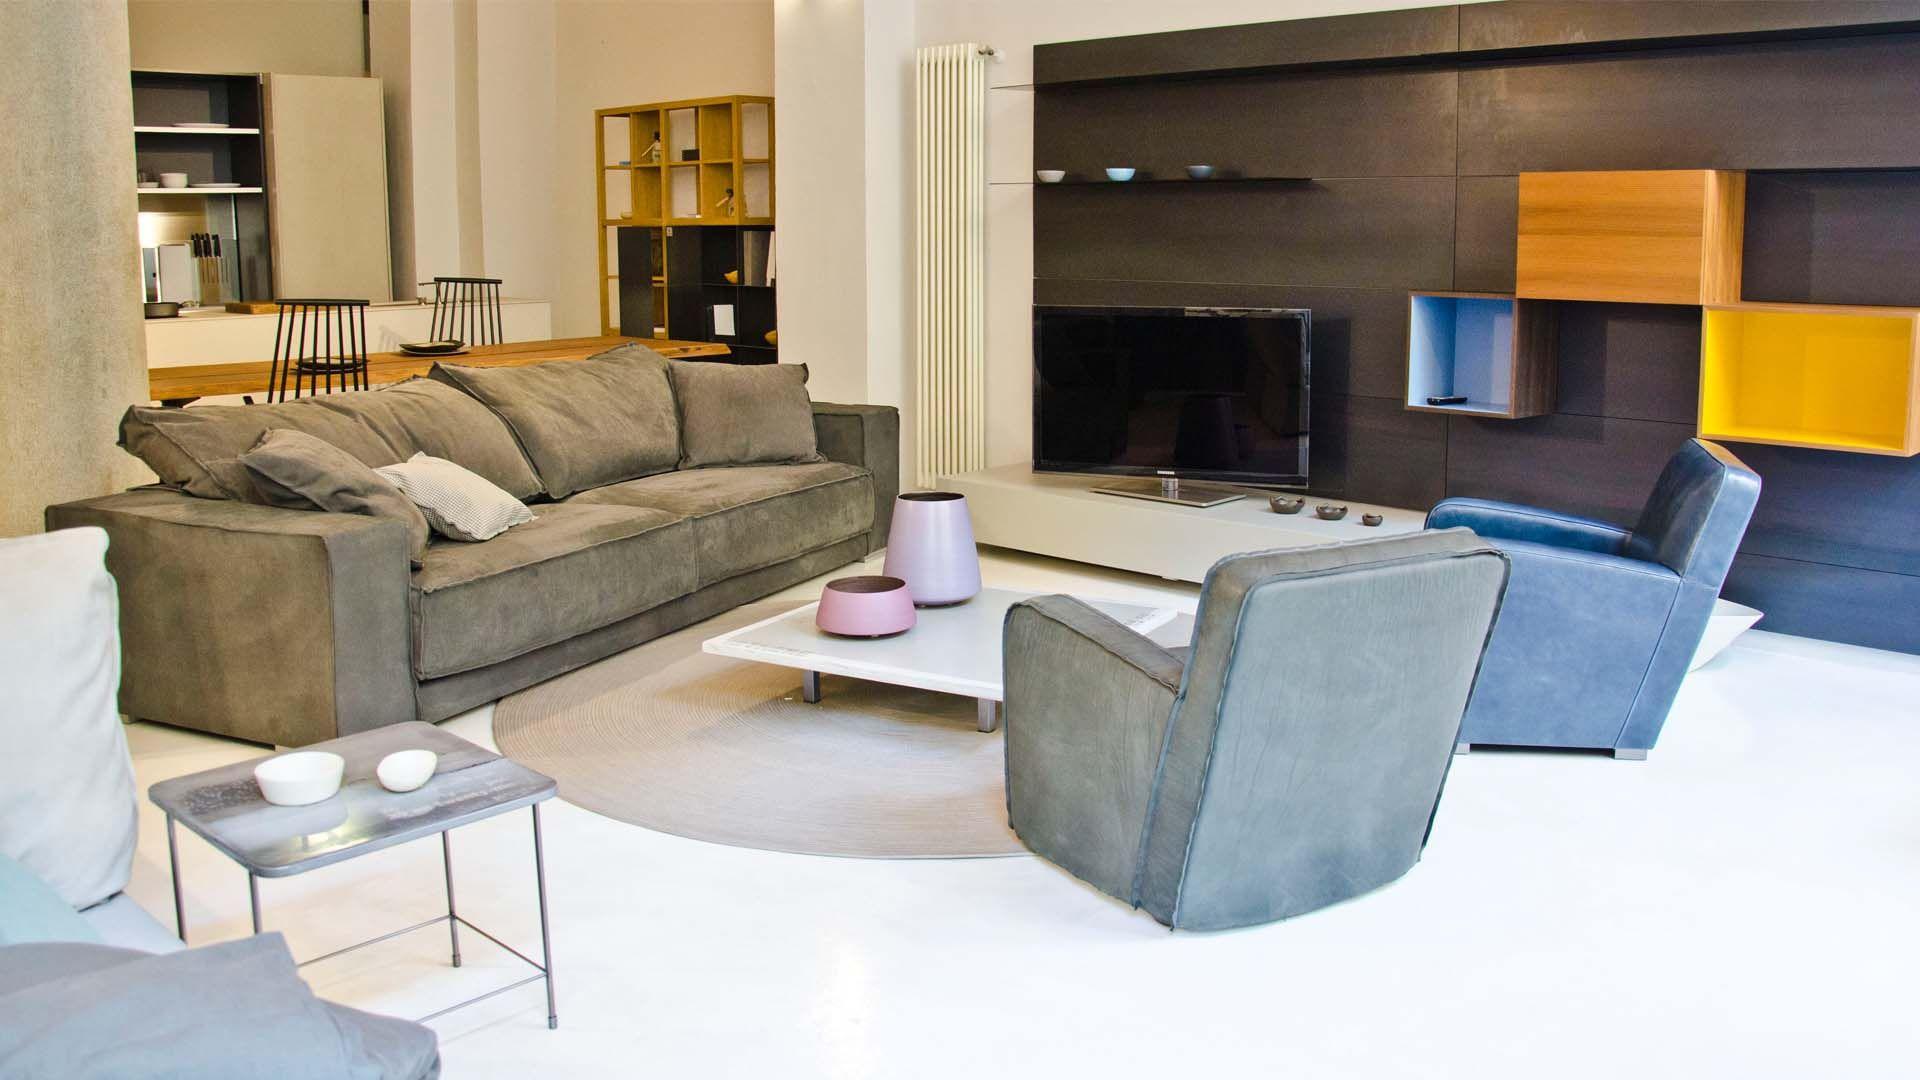 Poltrone in pelle poltrona relax marsiglia in pelle nera for Baxter divani prezzi